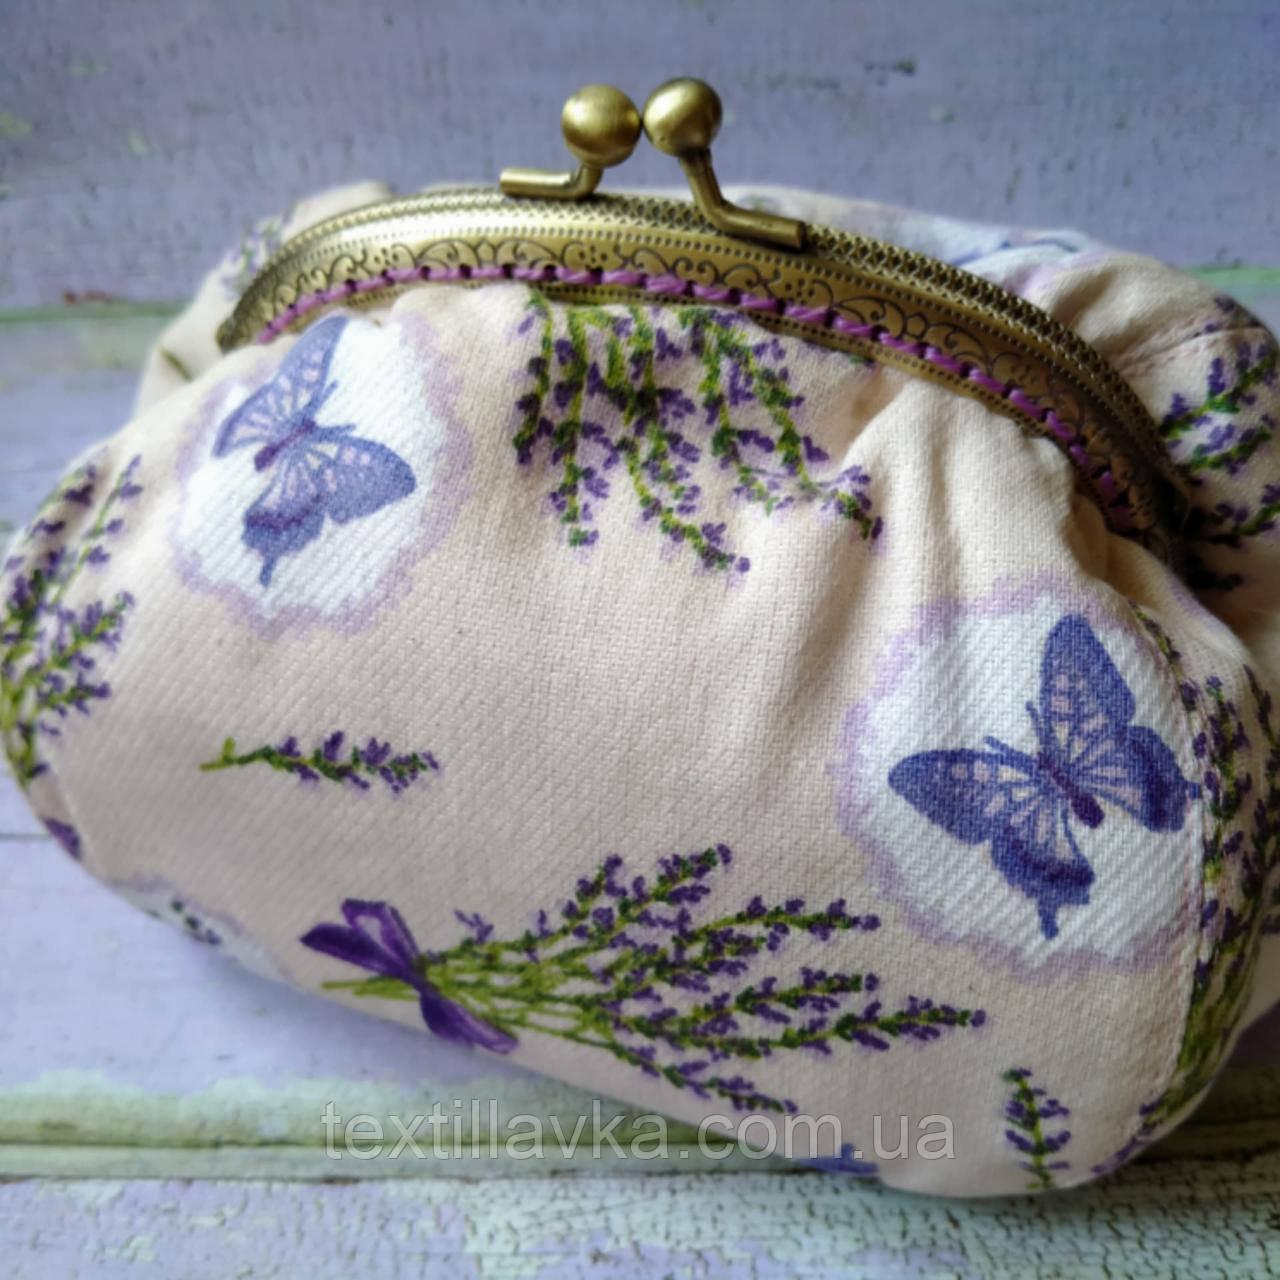 Текстильна сумочка з бронзовим фермуаром Прованс